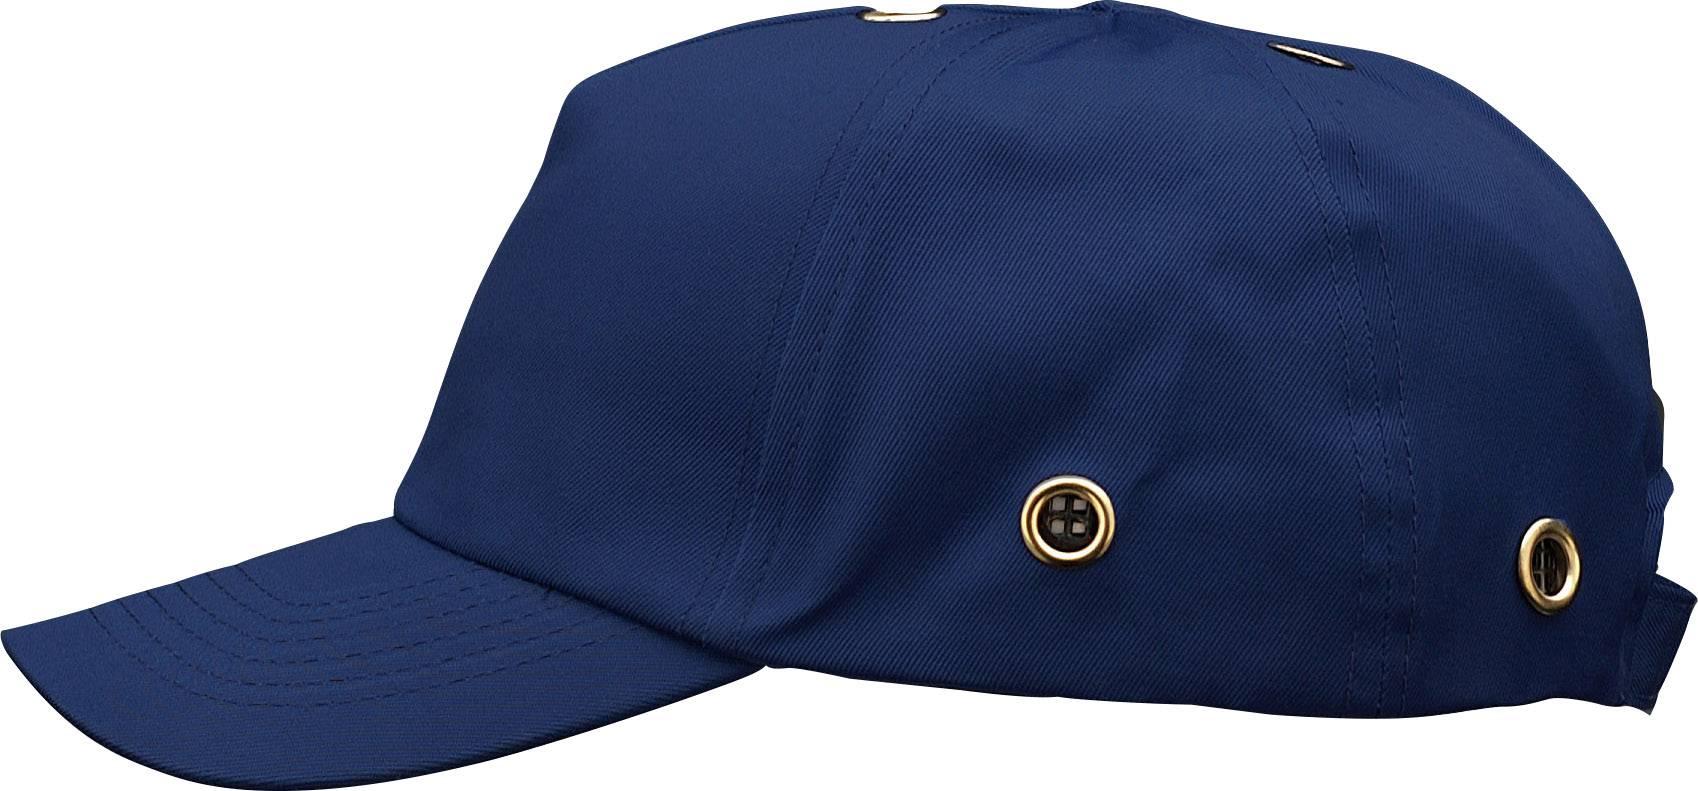 Pracovná čiapka so šiltom Voss Helme VOSS-Cap 2687, kobaltovo modrá